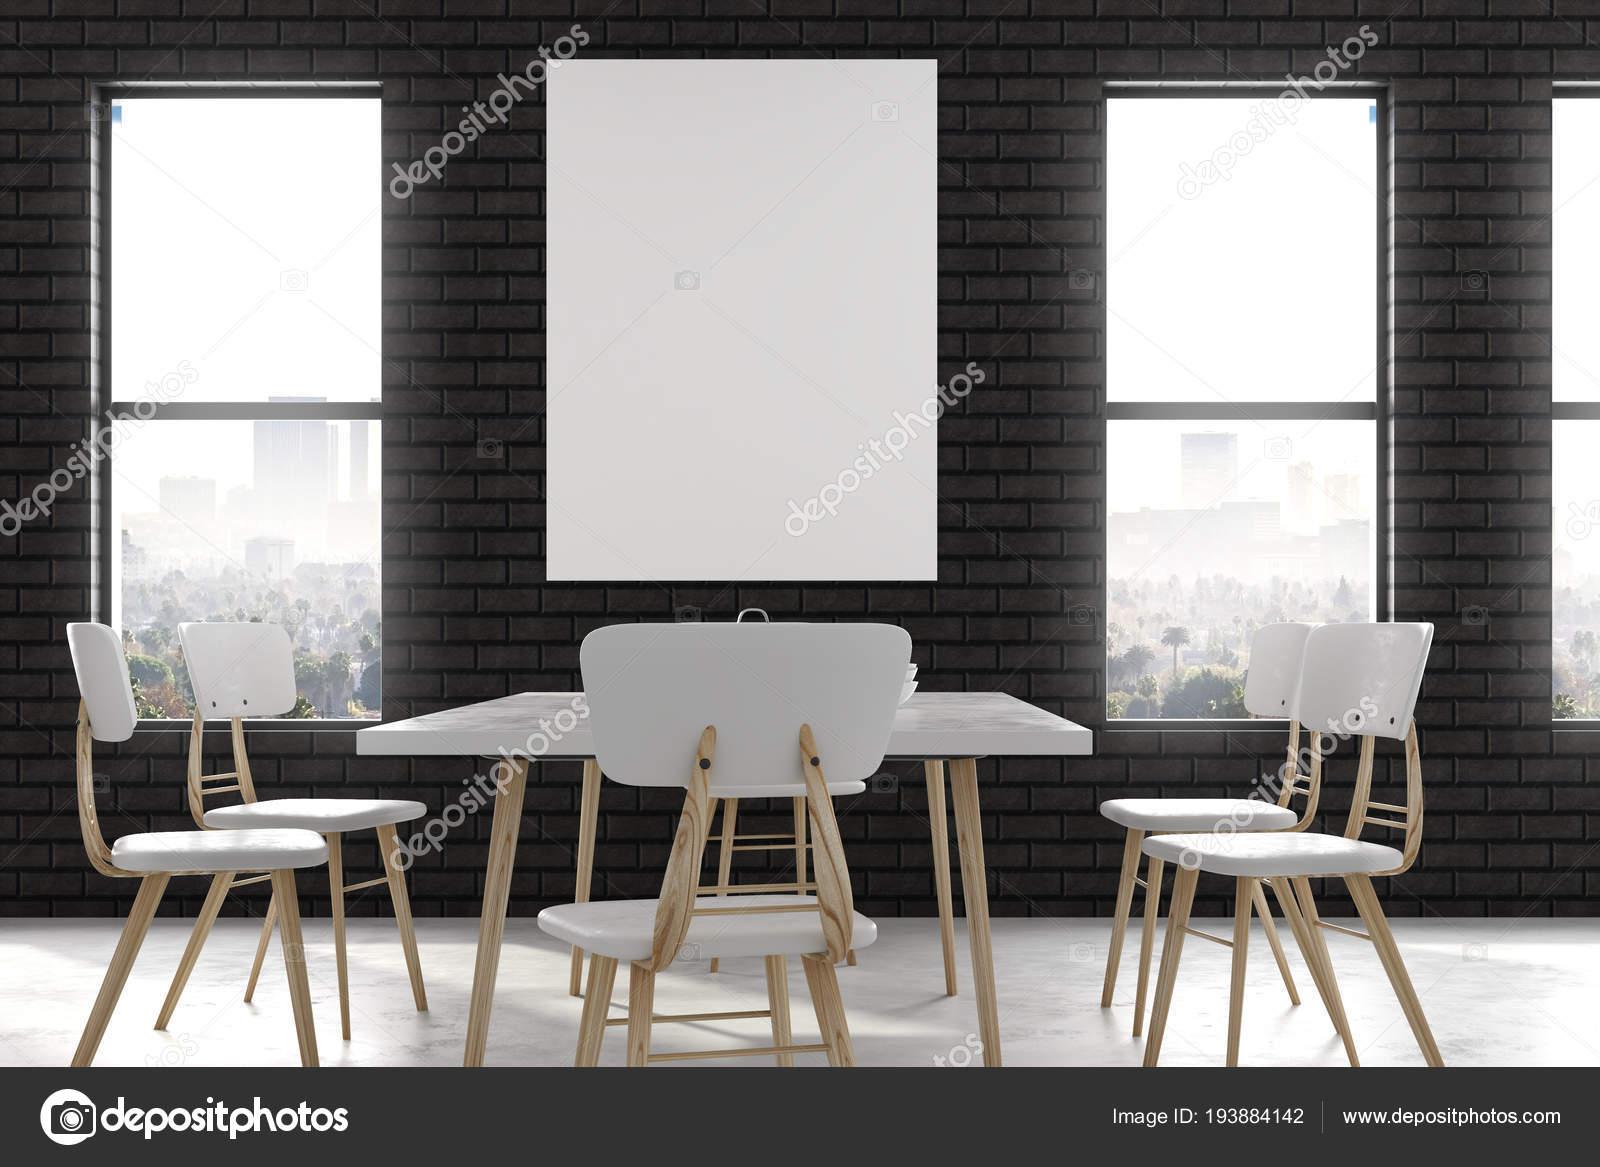 Im modernen speisesaal mit poster u stockfoto peshkova